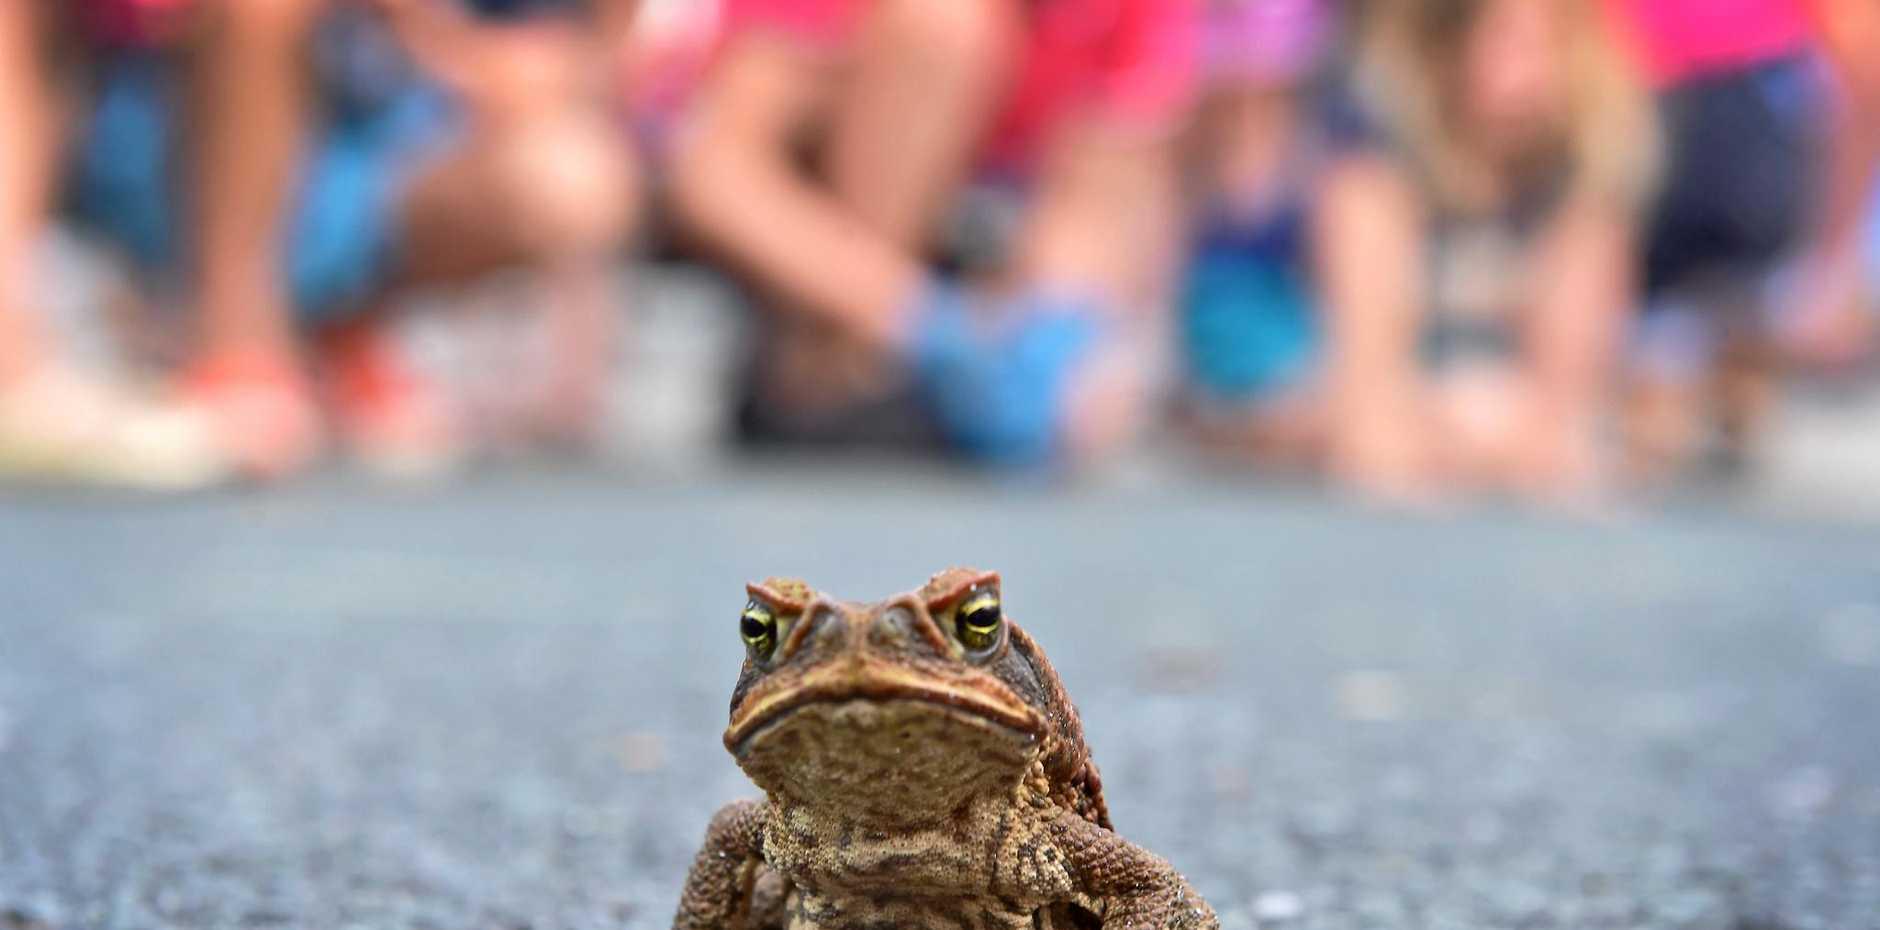 Tramfest Nambour. Tramfest toad races. Photo: Che Chapman / Sunshine Coast Daily